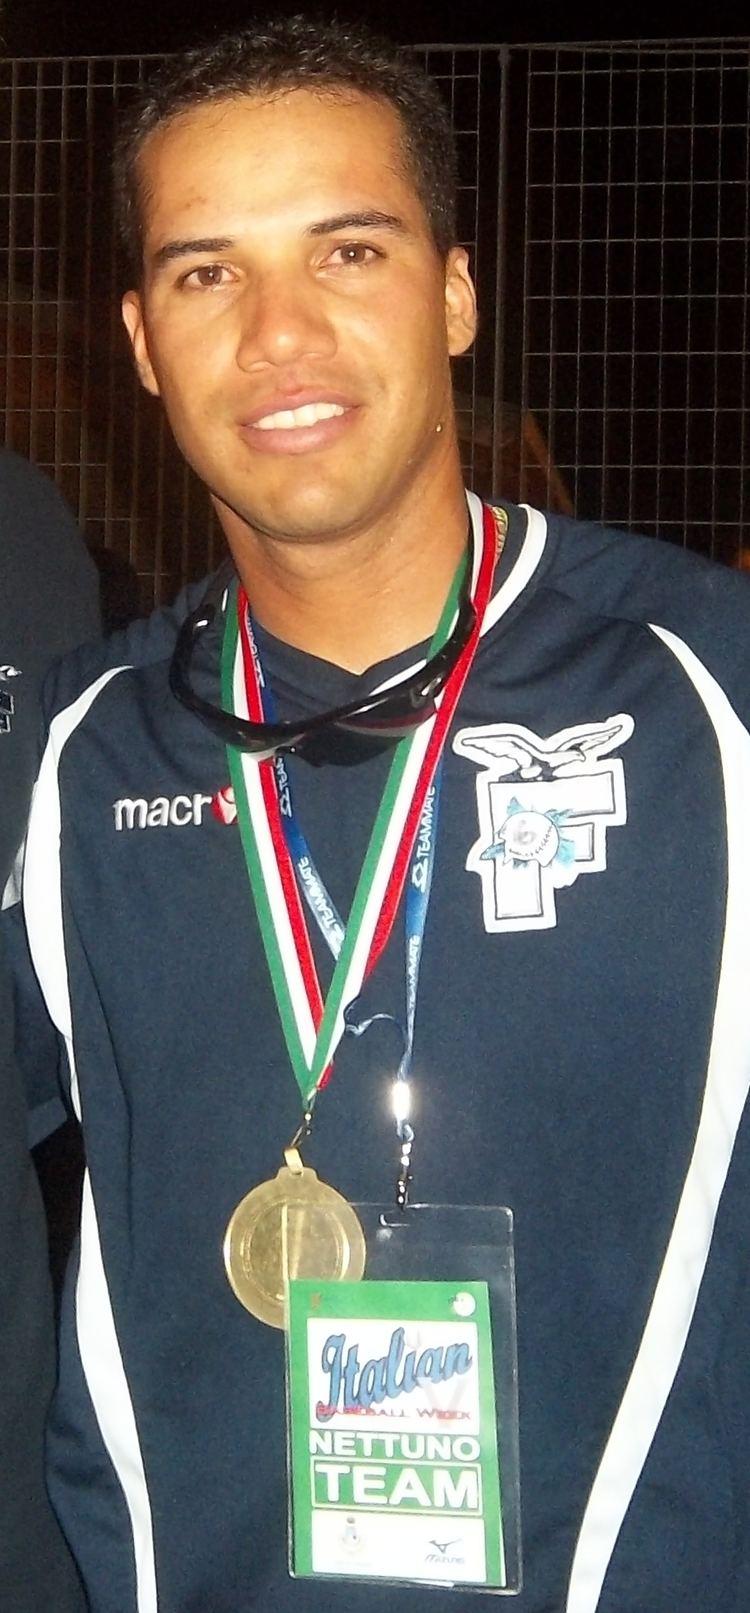 Juan Carlos Infante Juan Carlos Infante Wikipedia